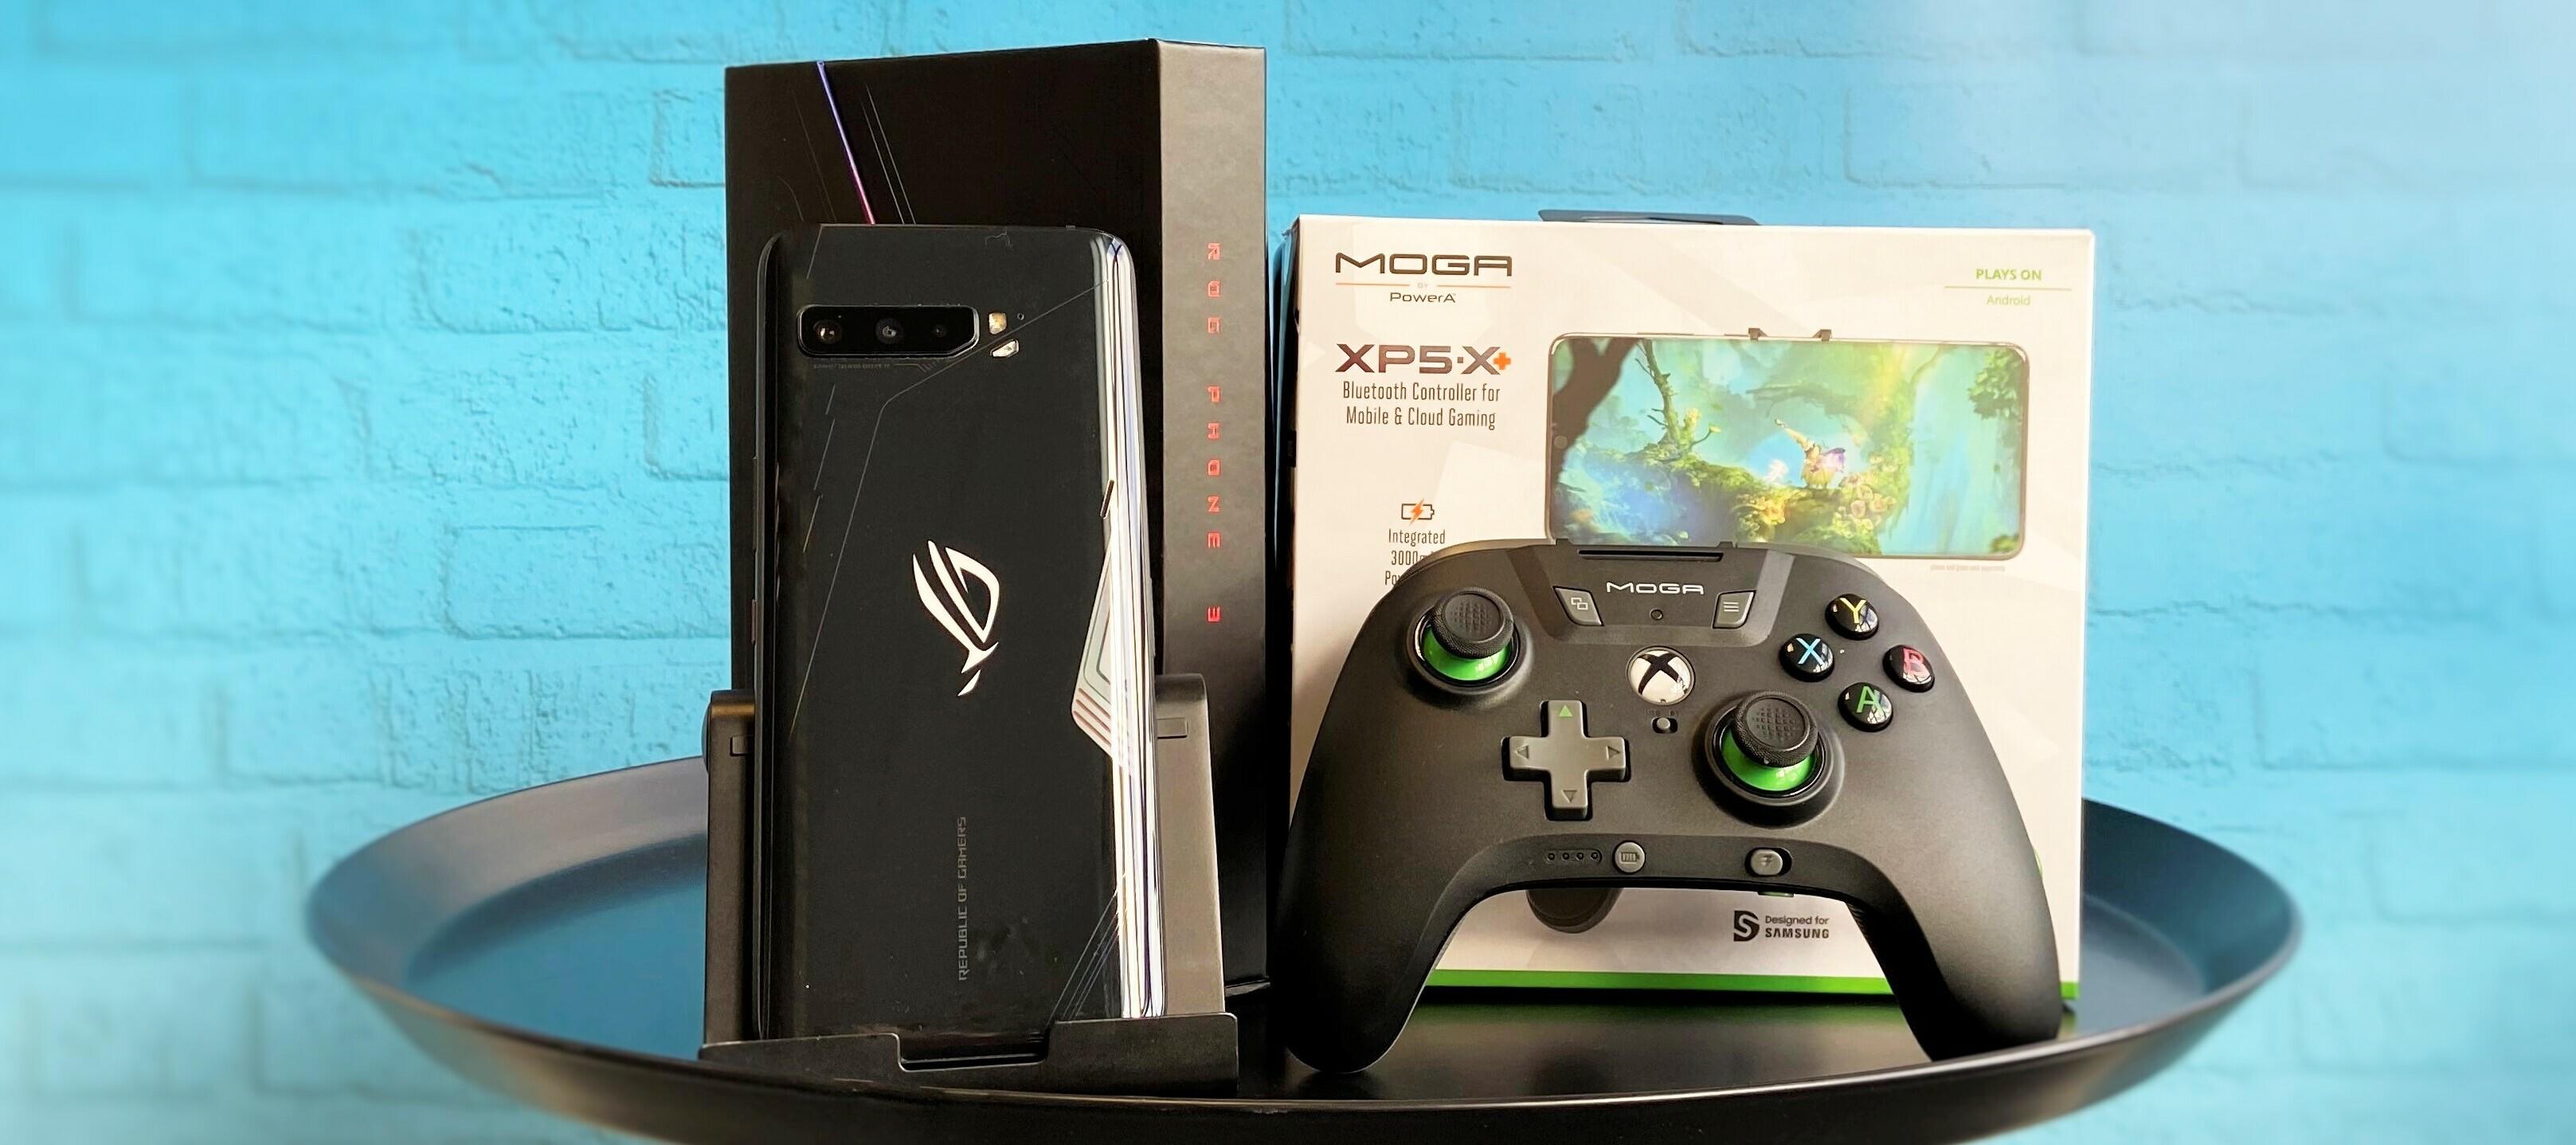 ASUS ROG Phone 3 inkl. Moga XP5X+ Bluetooth Controller - zocken und Tester*in werden!